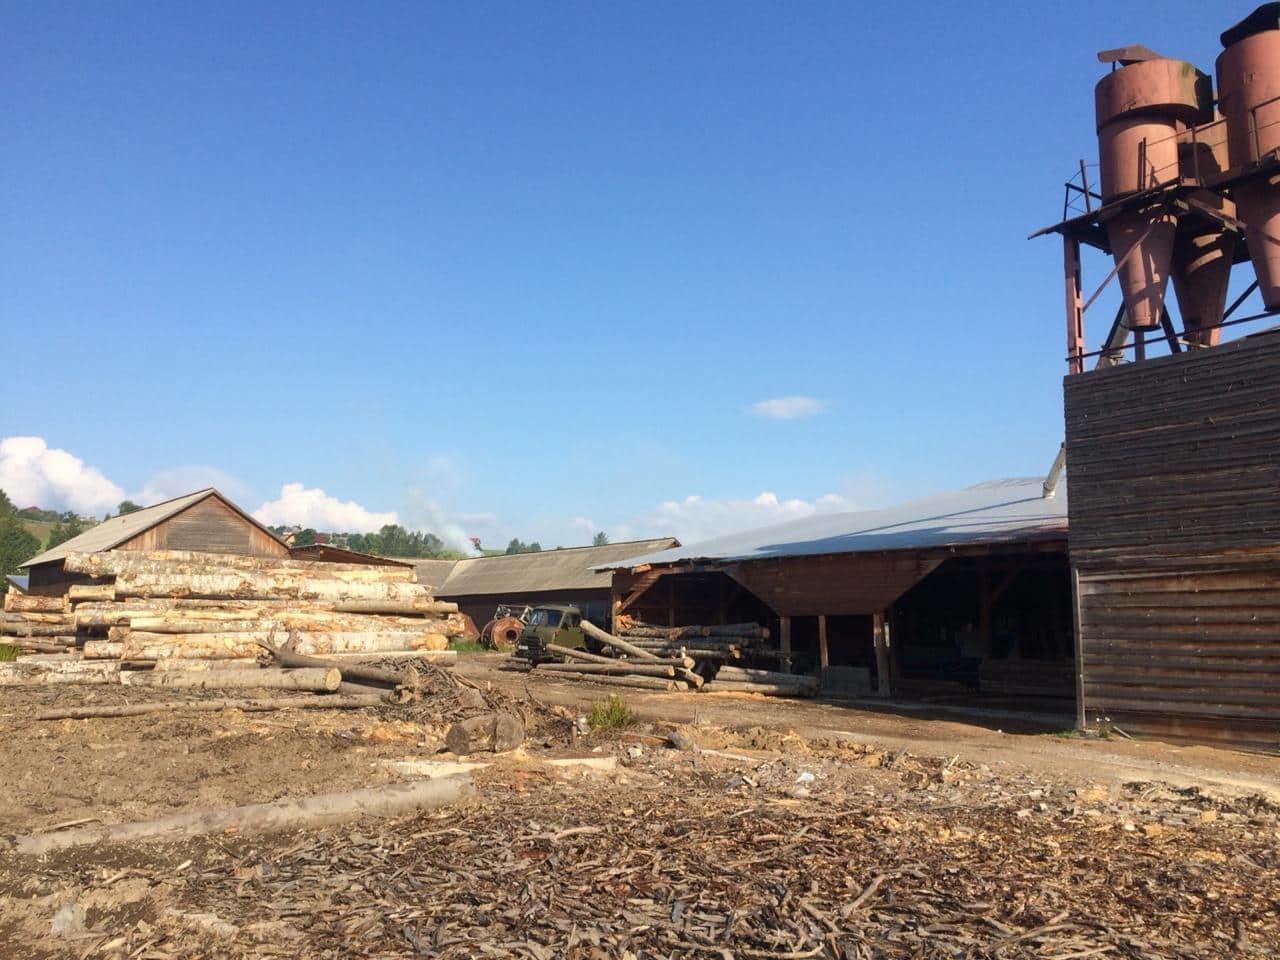 На Закарпатті СБУ викрило лісництво на розкраданні деревини - лісничому оголосили підозру (ФОТО), фото-2